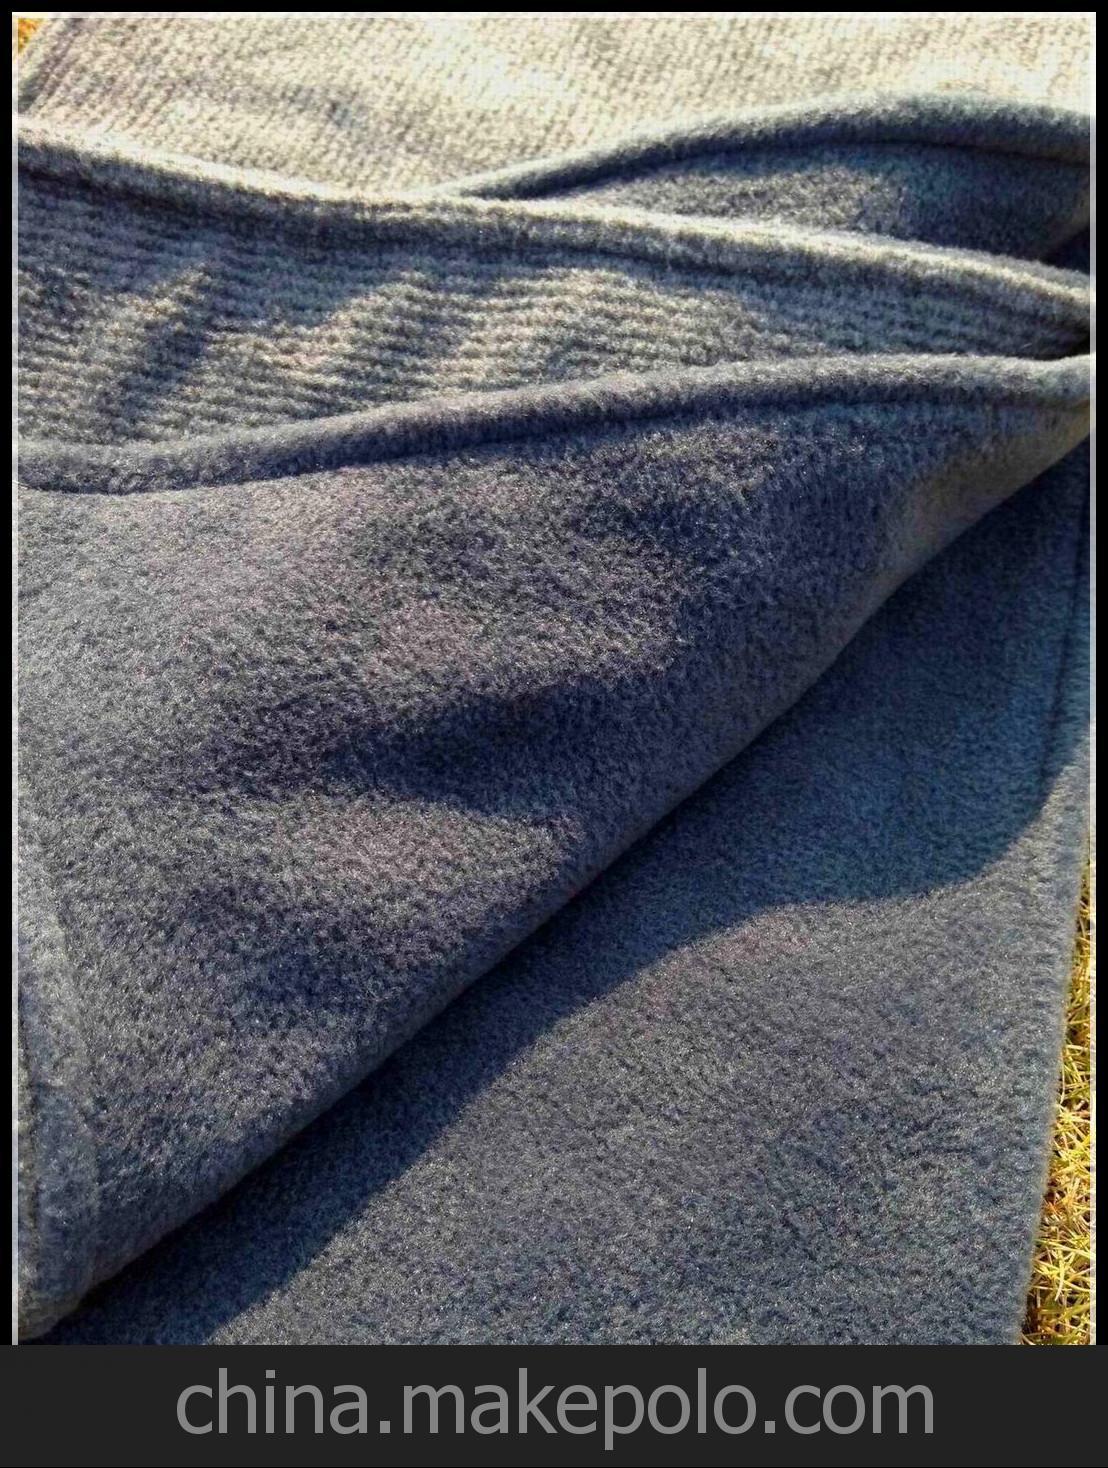 L029 双层针织加绒围巾,2个色